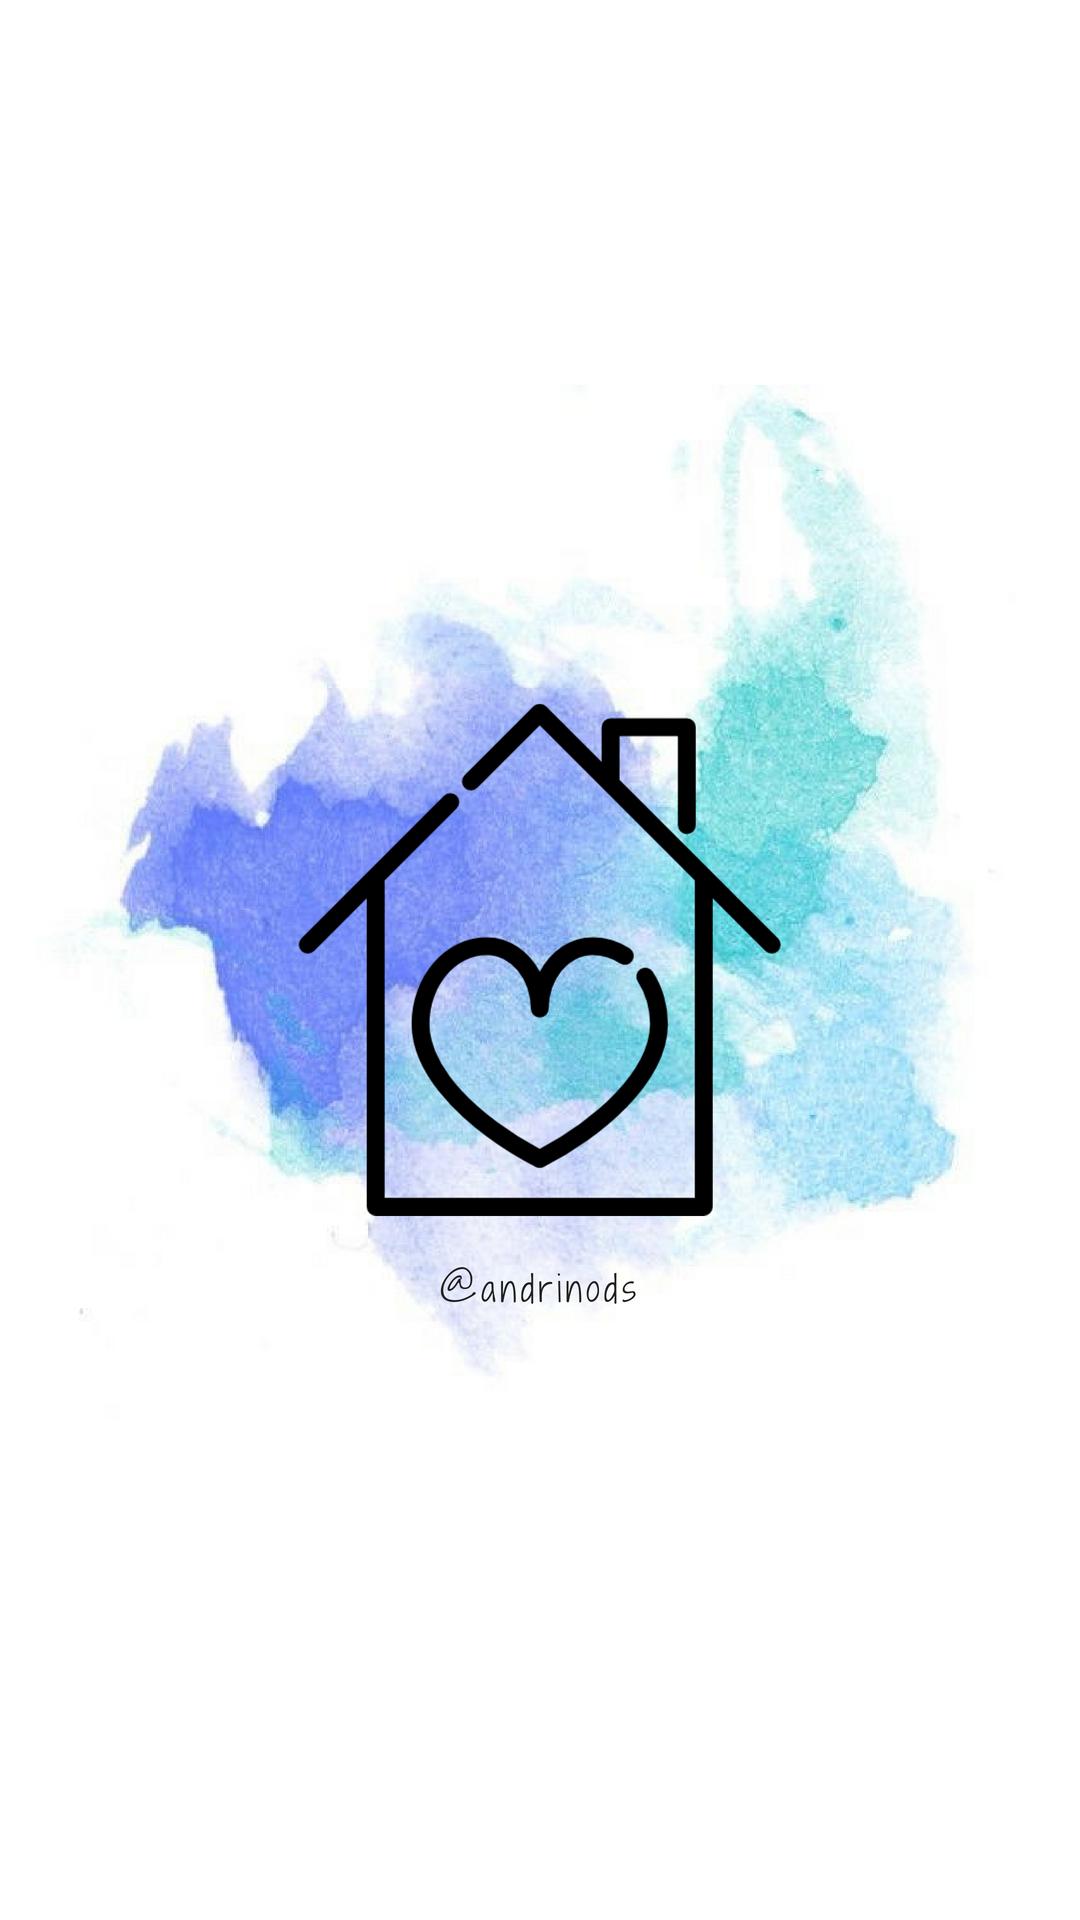 Home, family Historia de instagram, Plantilla de